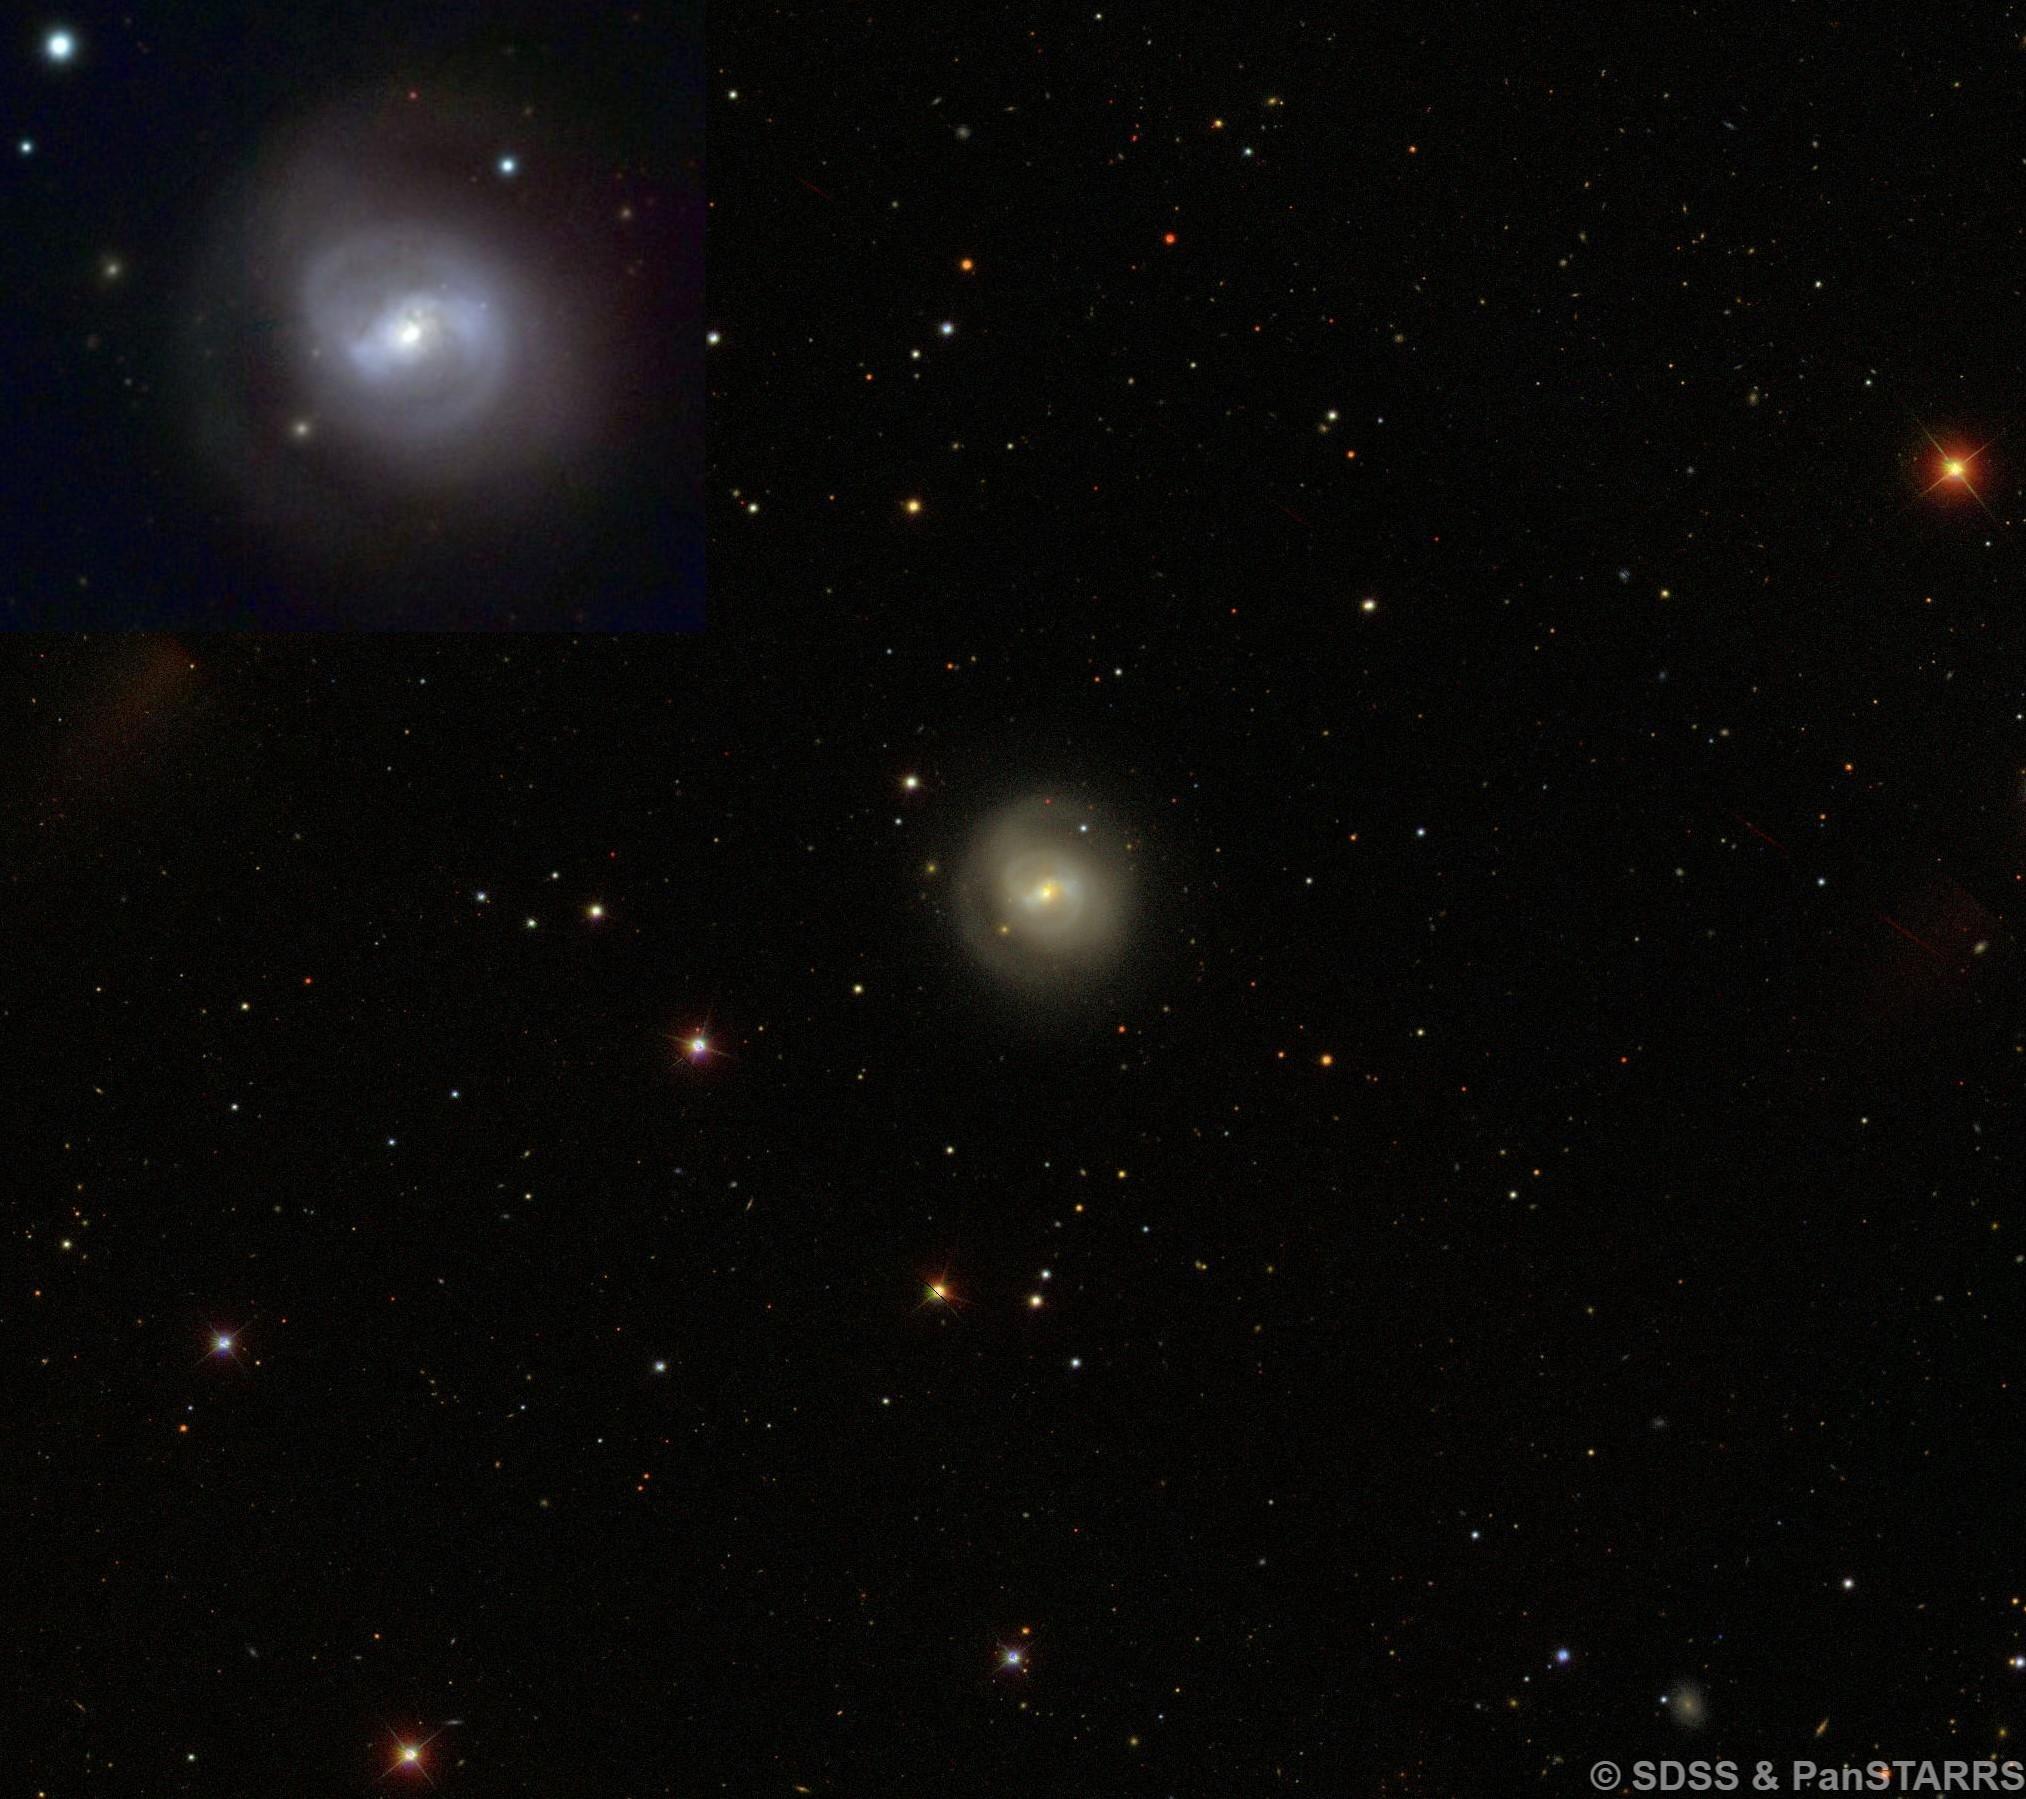 NGC 1022